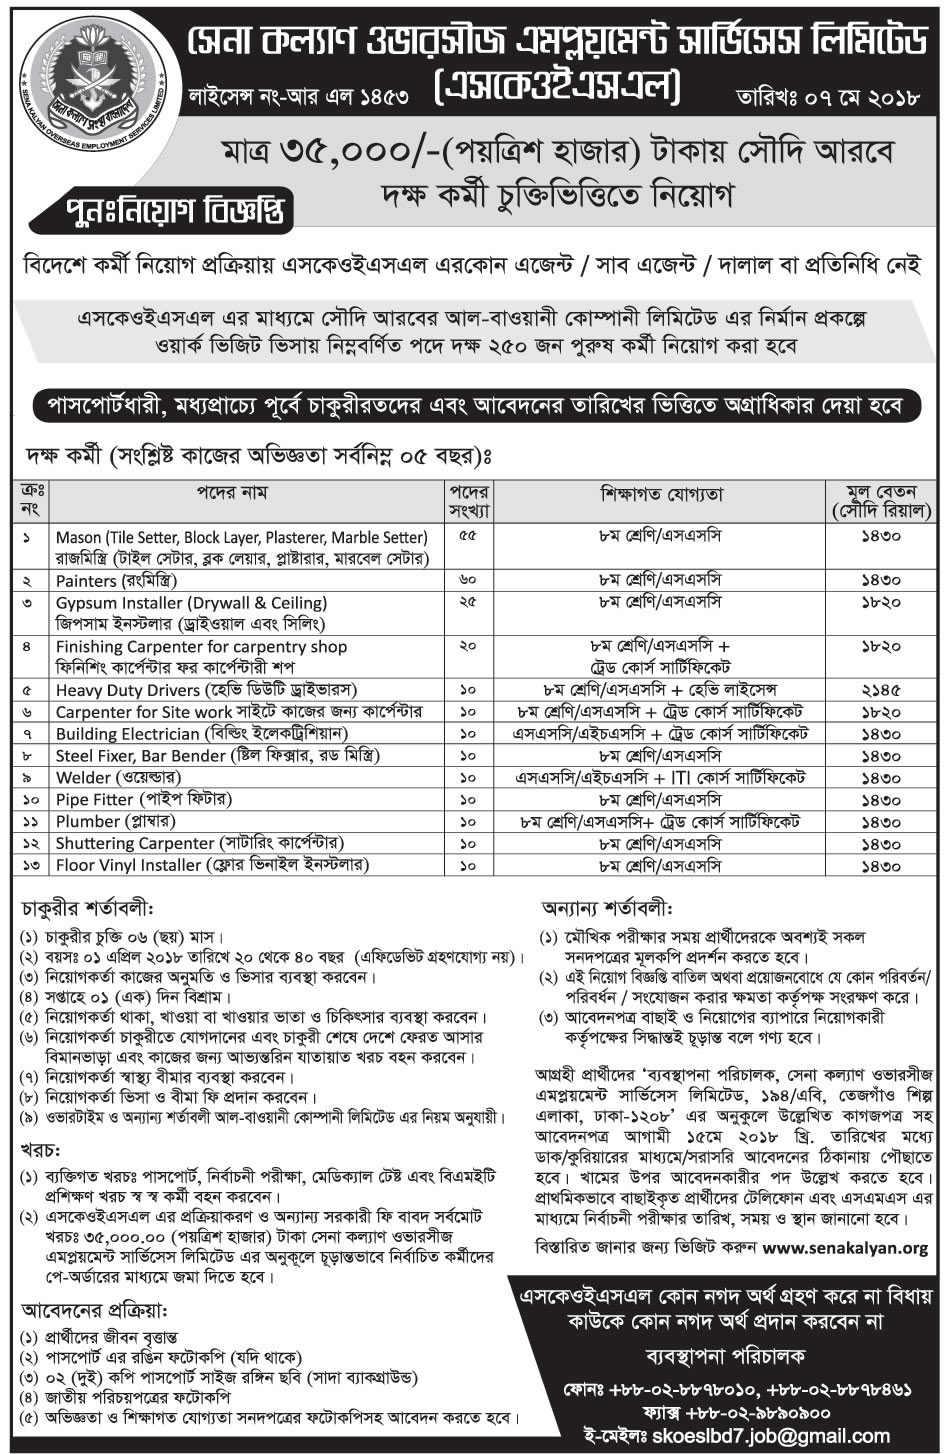 Sena Kalyan Sangstha Job Circular – www.senakalyan.org